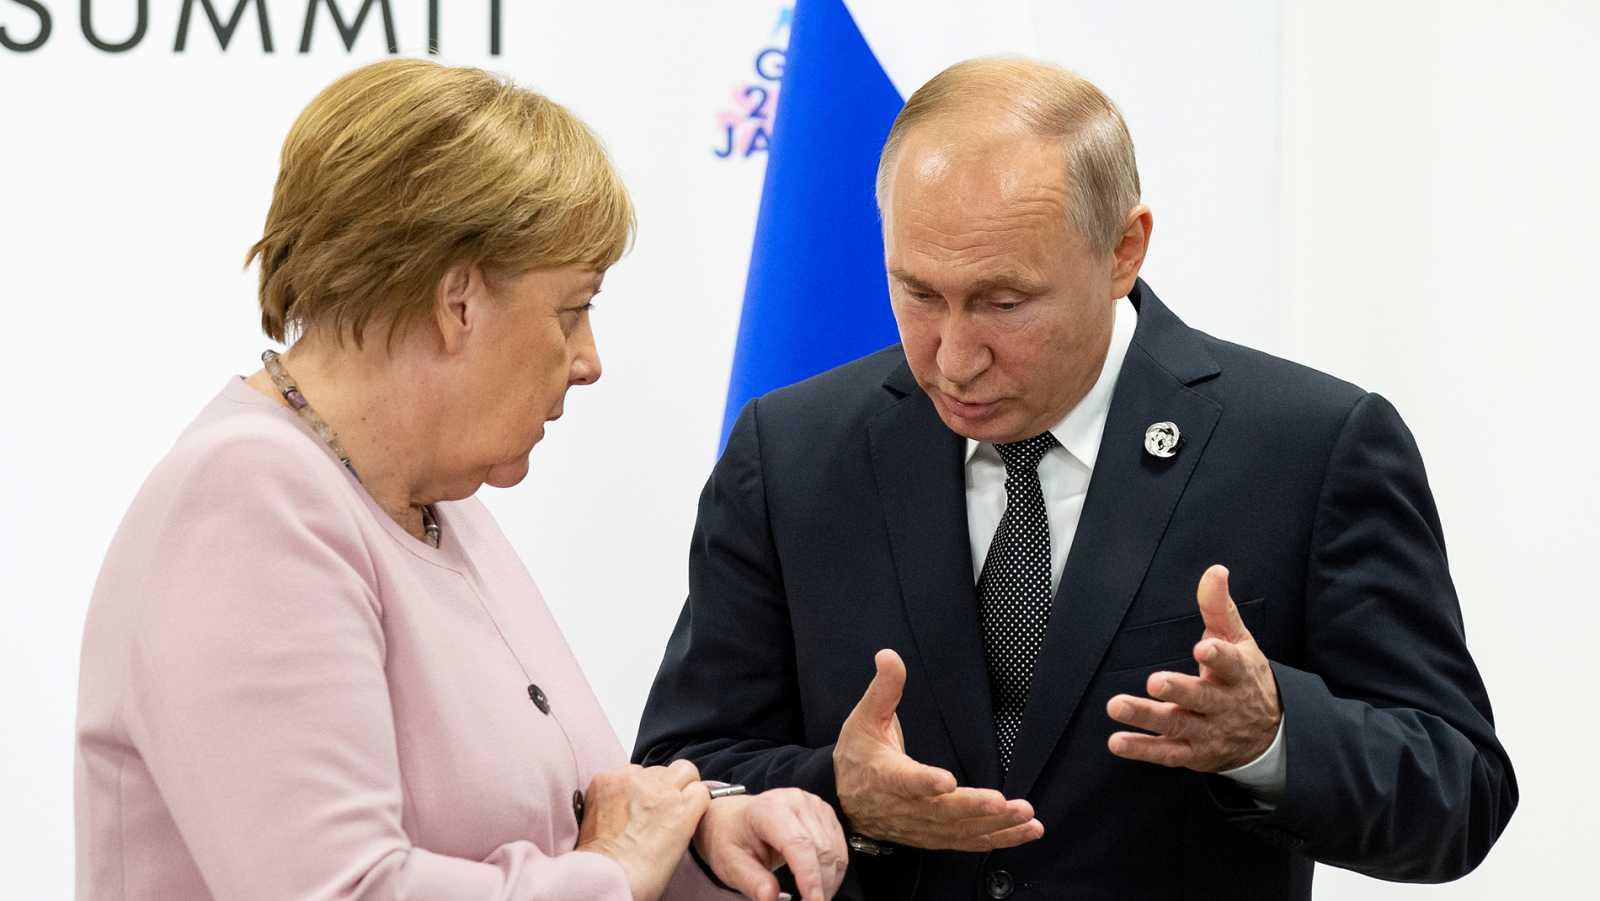 Alemania expulsa a dos diplomáticos rusos y relaciona al Kremlin con el asesinato de un asilado georgiano en Berlín